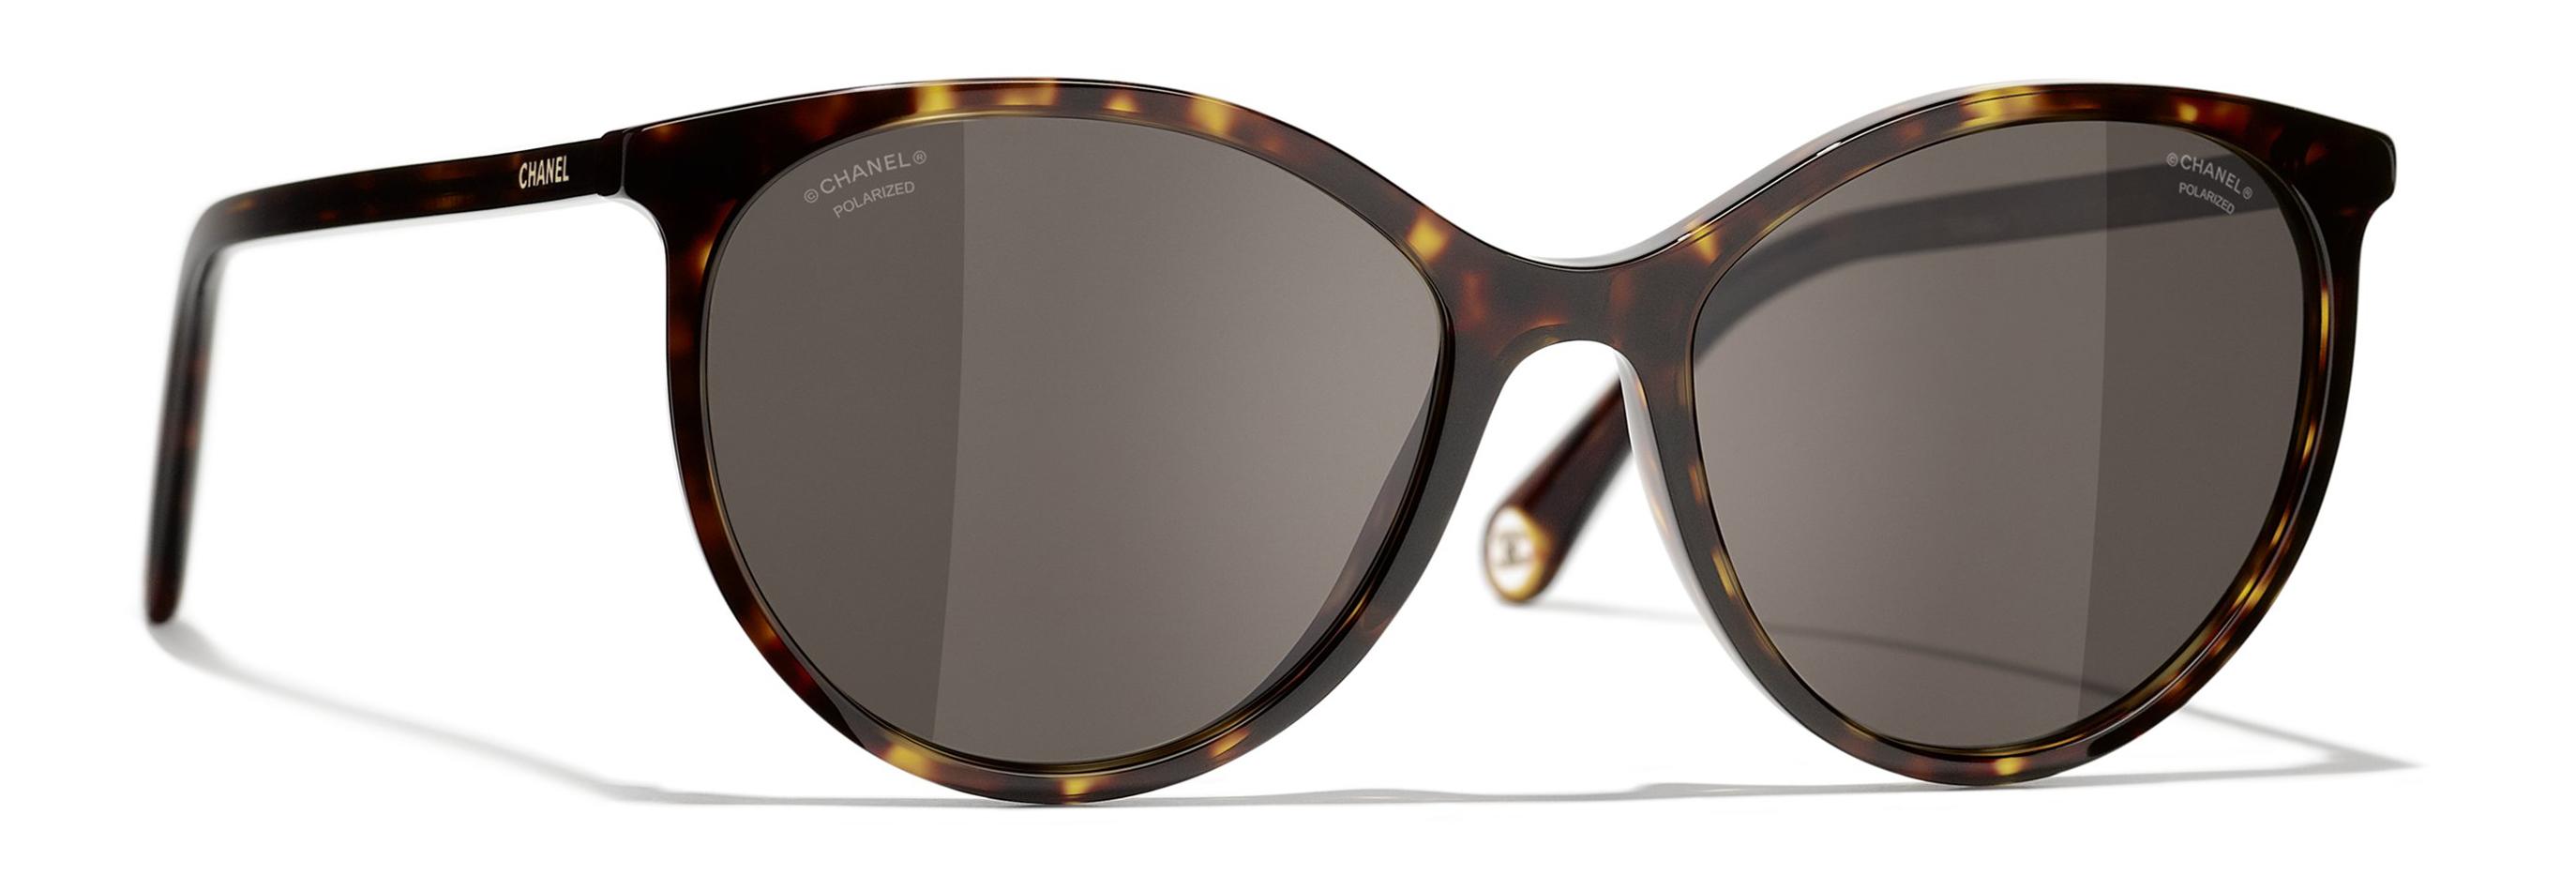 Sunglasses CHANEL CH 5448 C71483 54/17